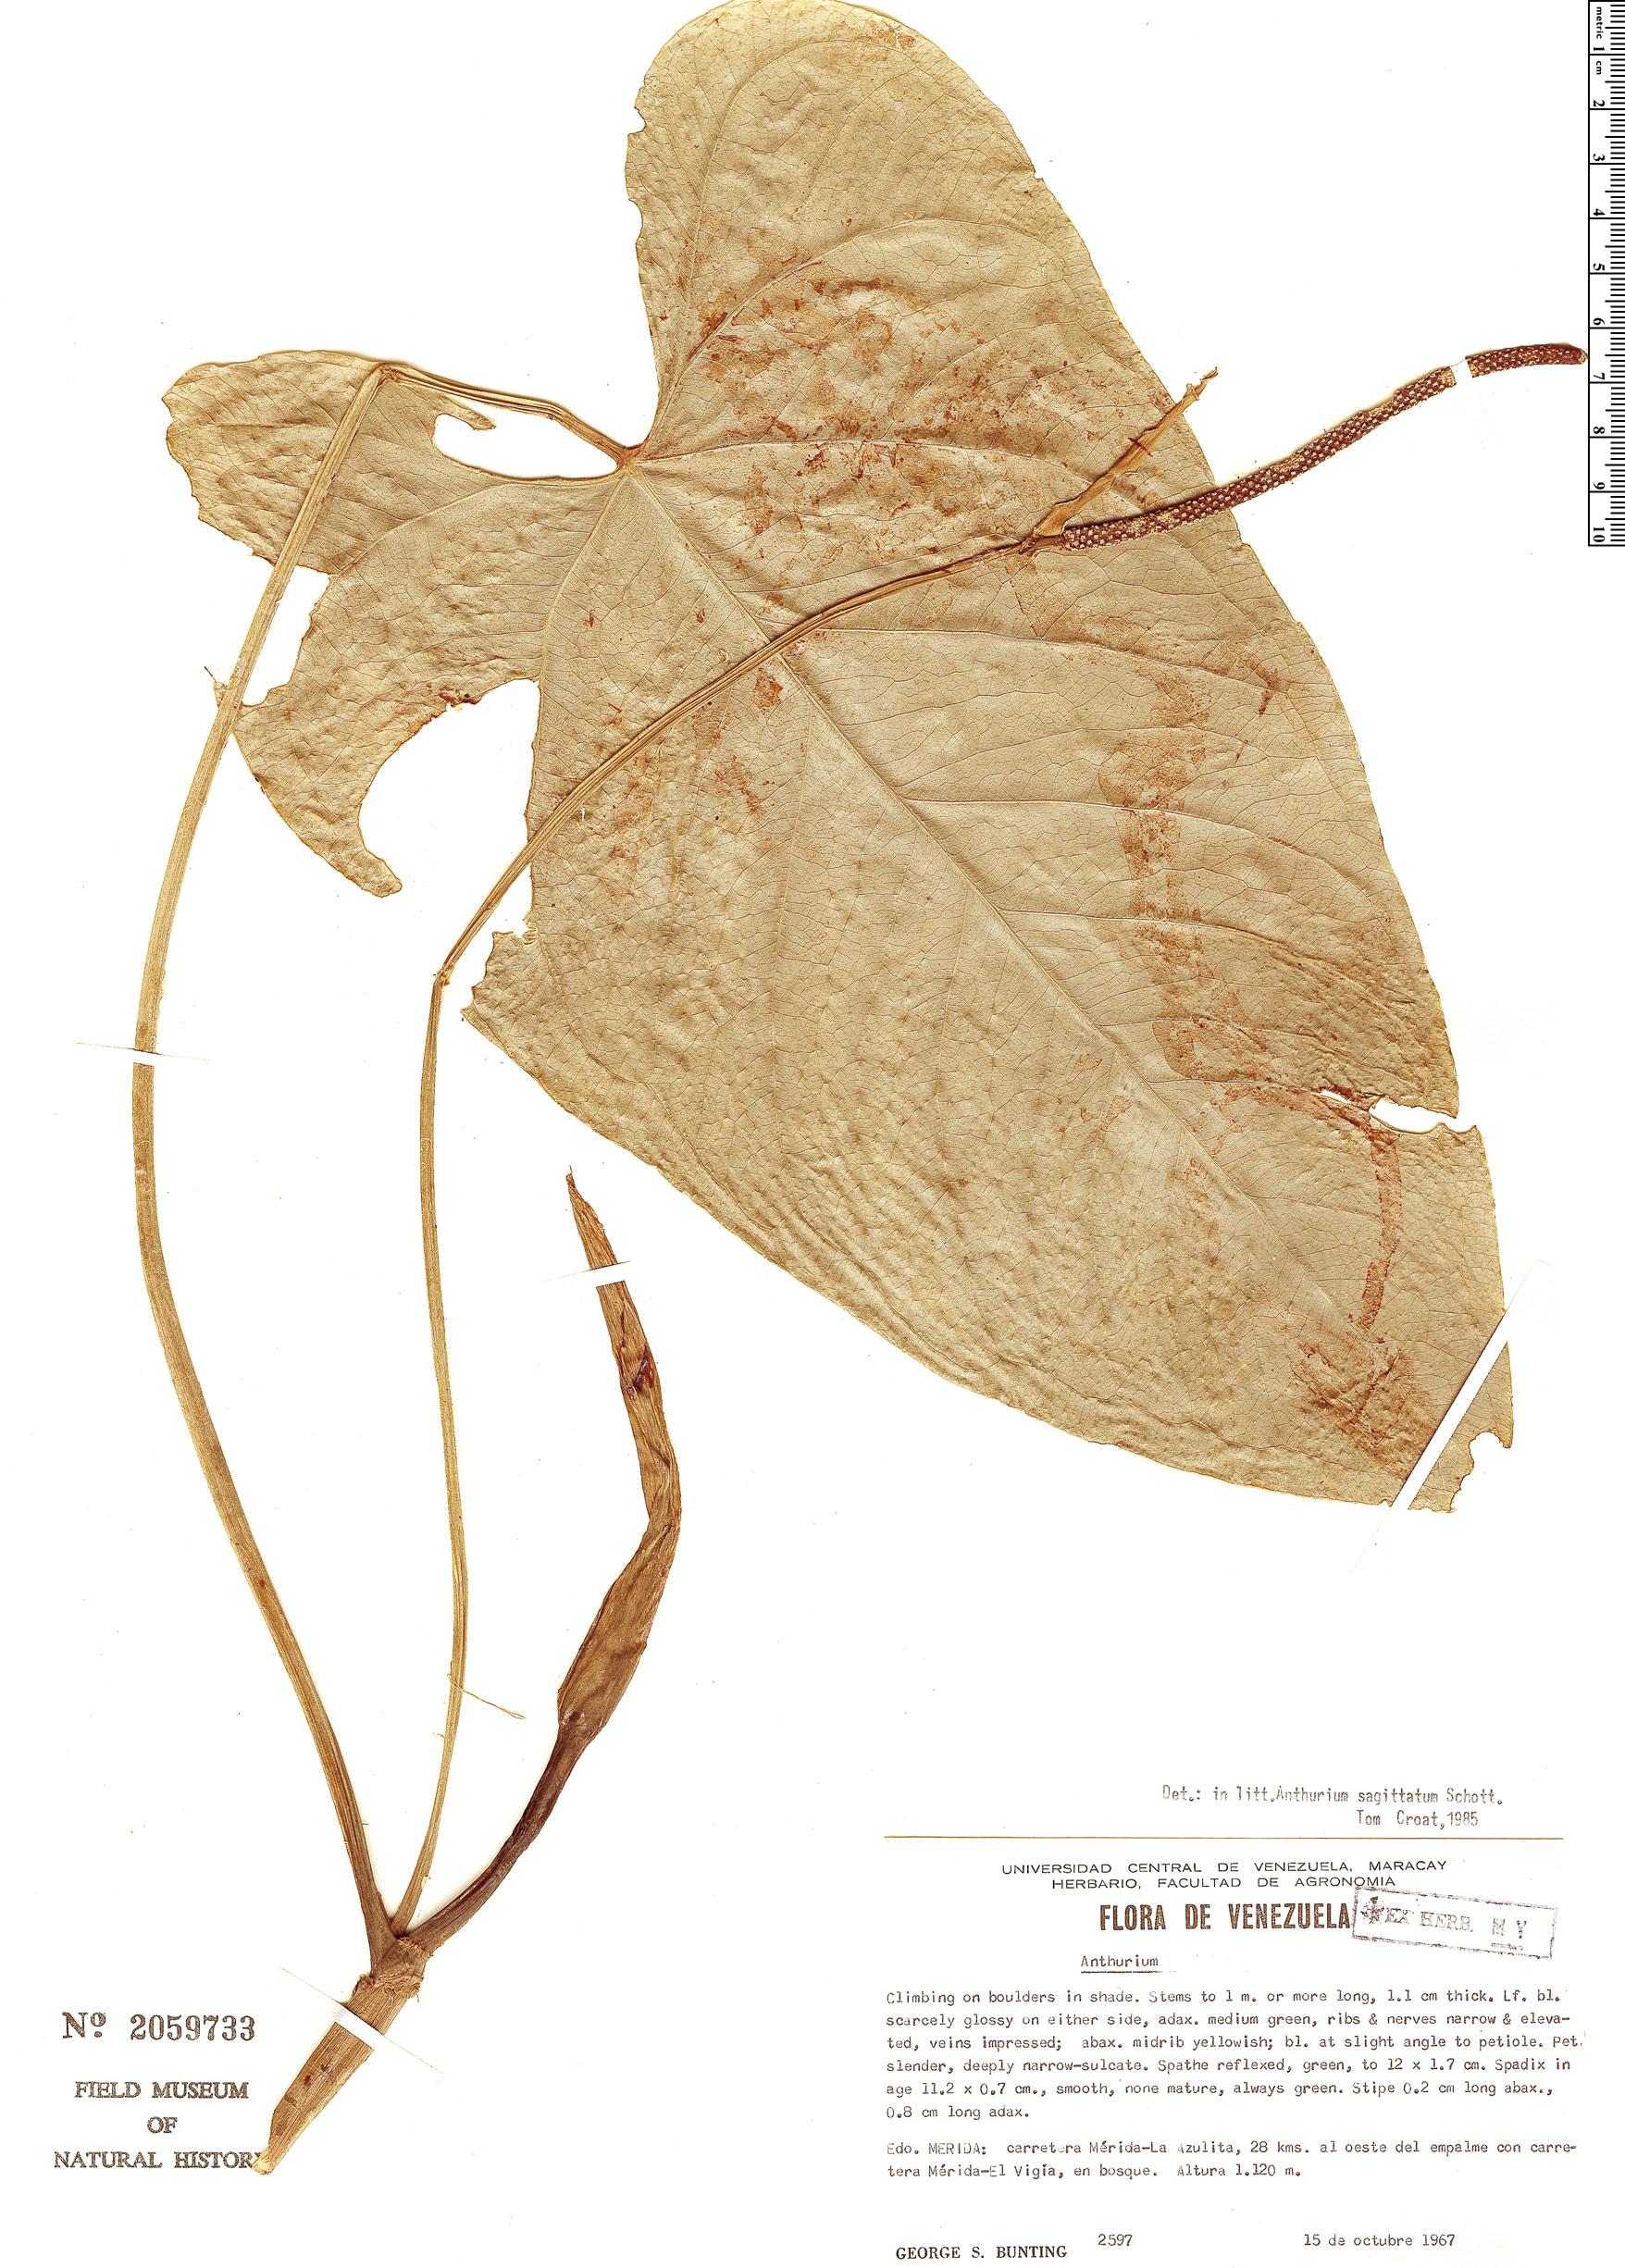 Specimen: Anthurium sagittatum